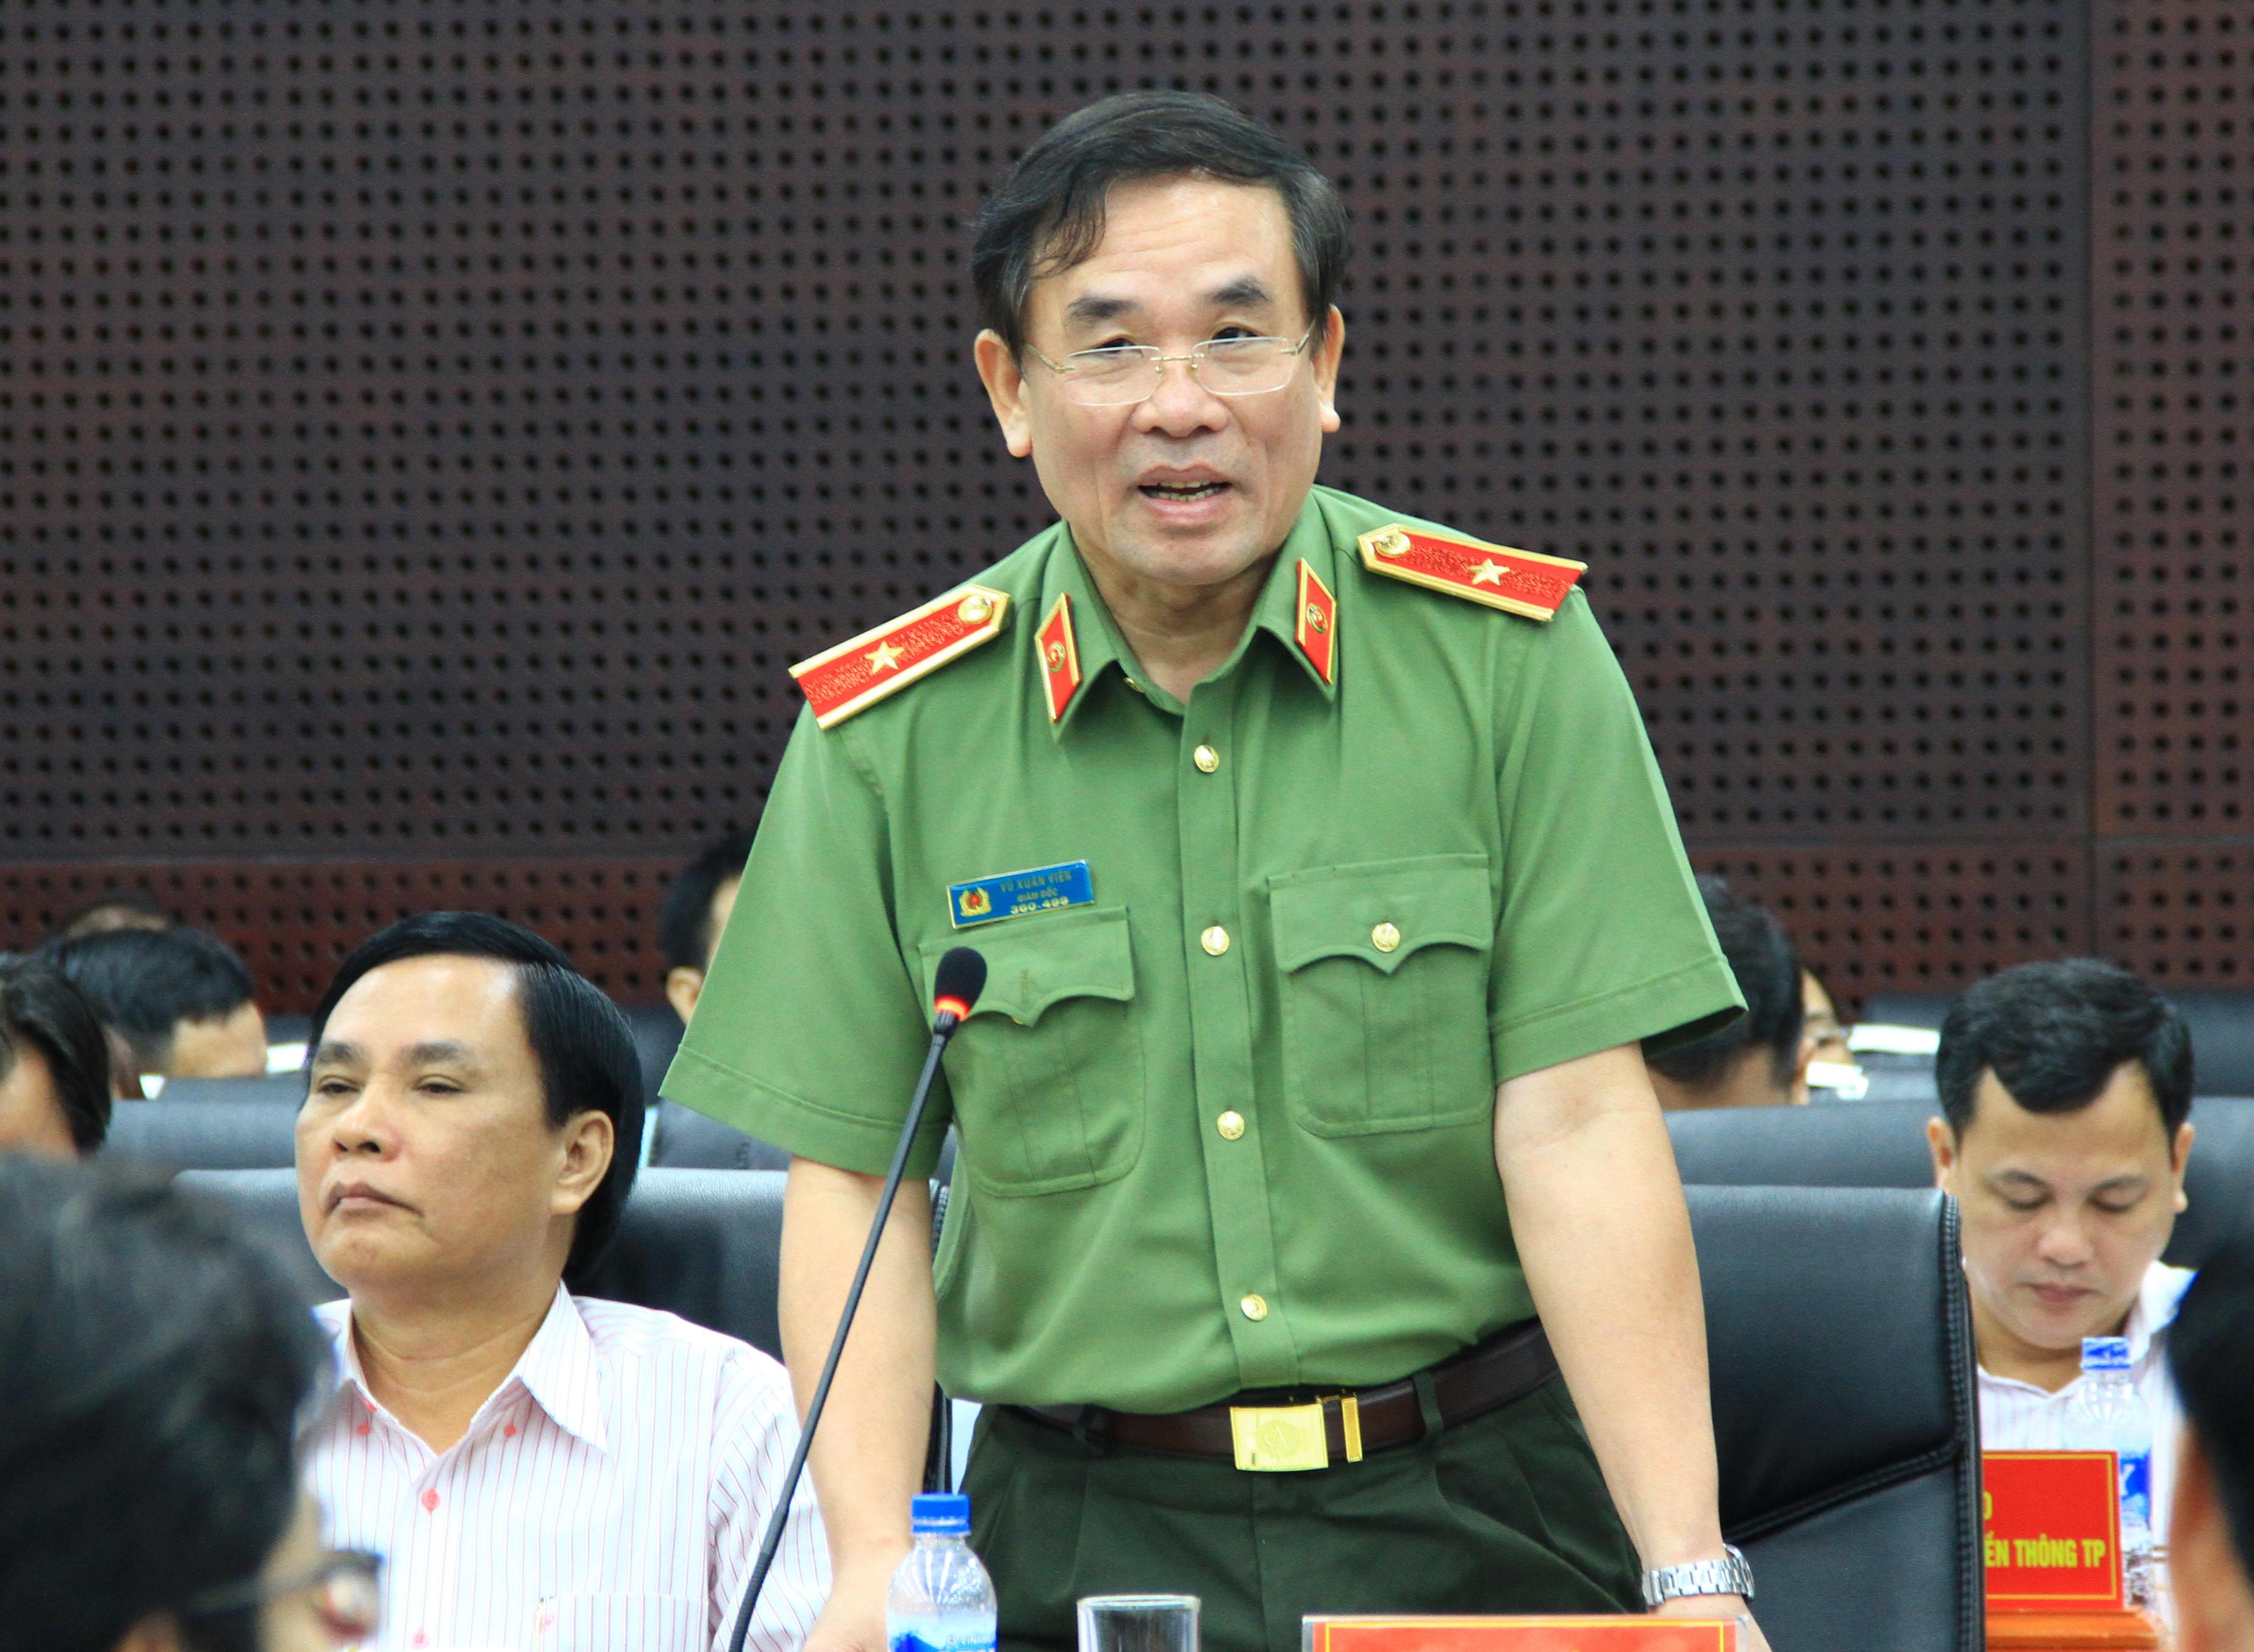 Tướng công an nói về 'xã hội đen' đòi nợ thuê ở Đà Nẵng Ảnh 1